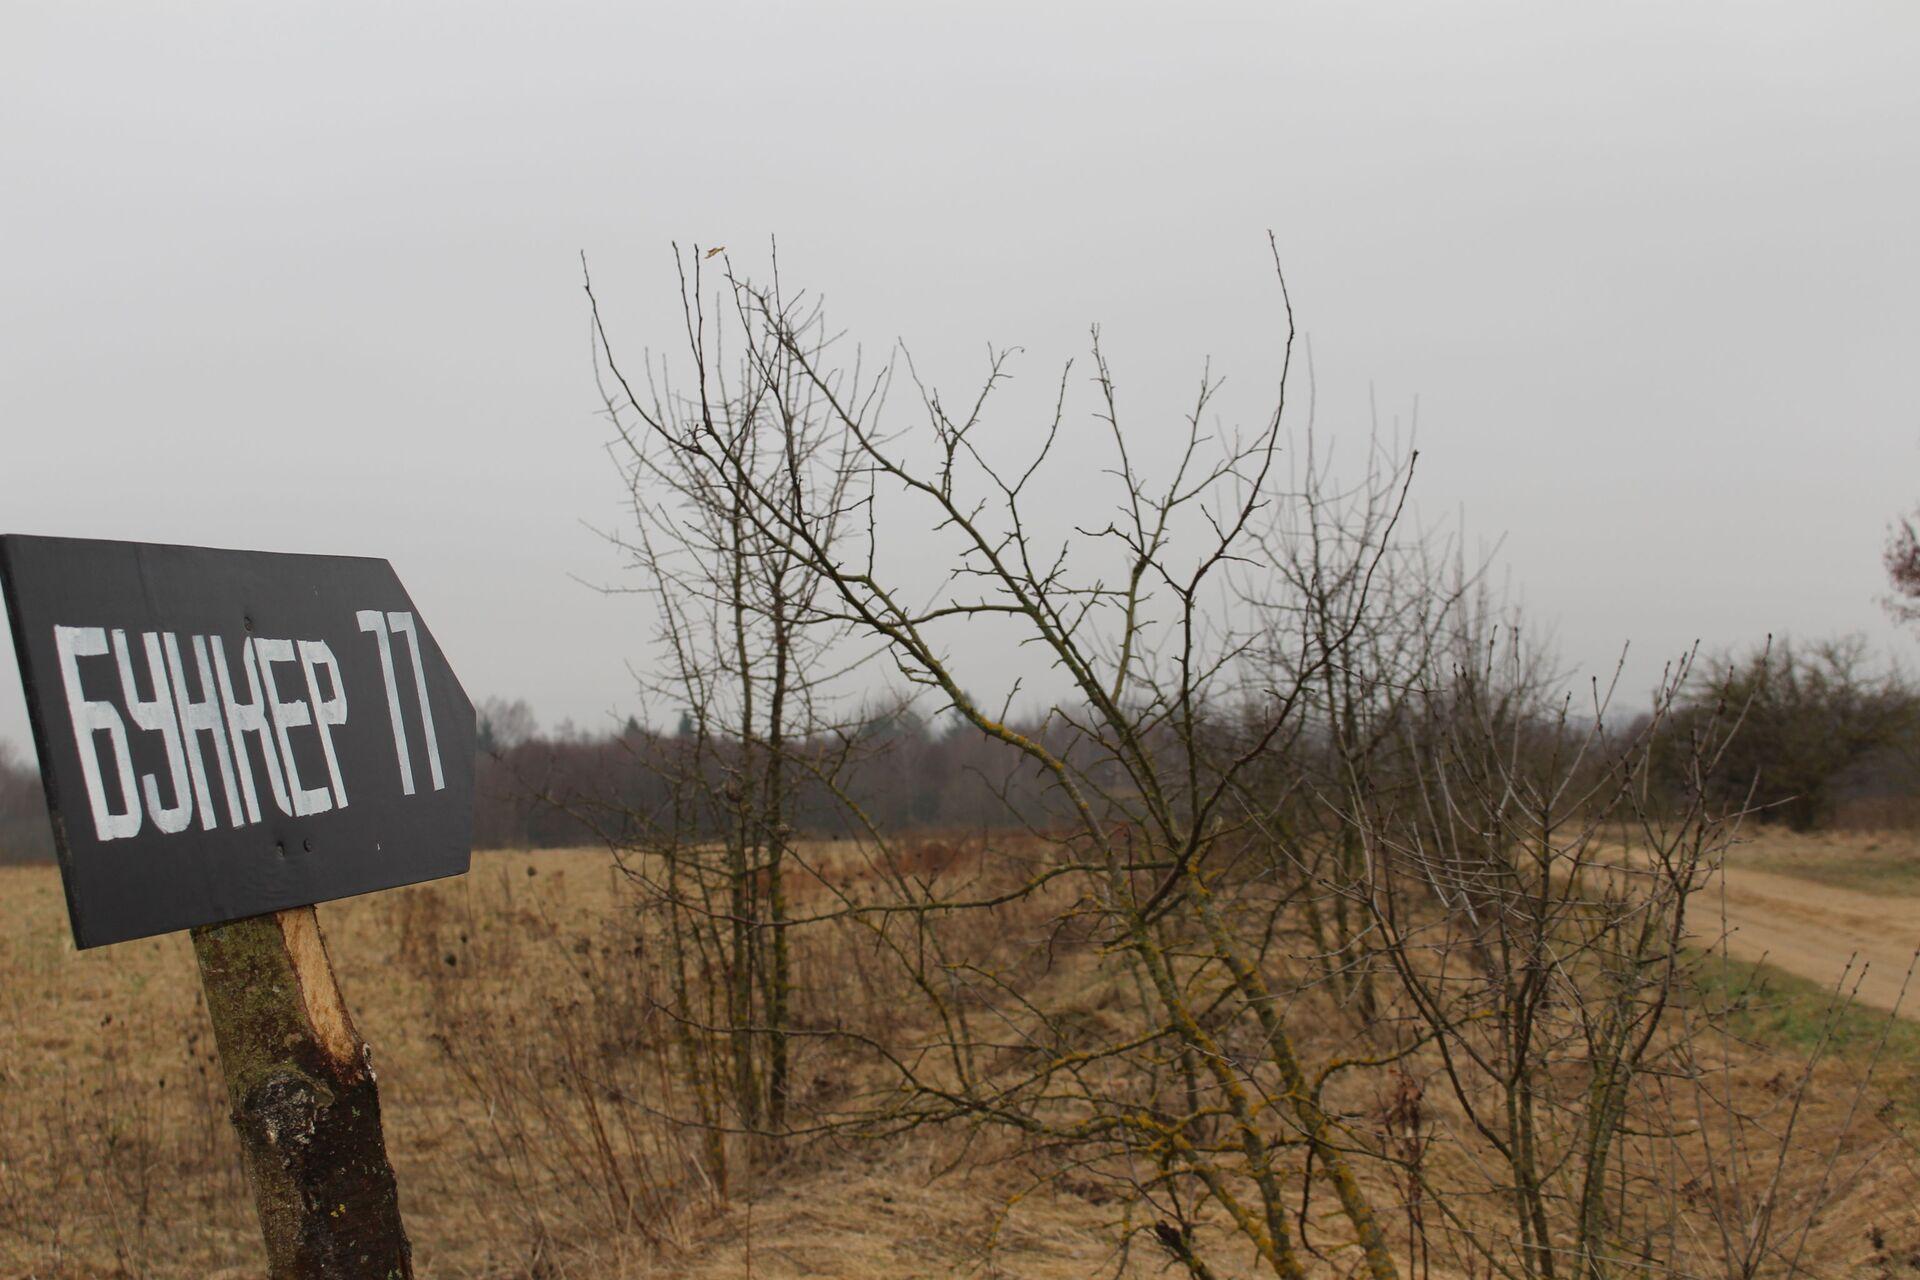 Попасть в Бункер-77 помогут навигатор и указатели на подъезде к объекту - Sputnik Беларусь, 1920, 29.06.2021